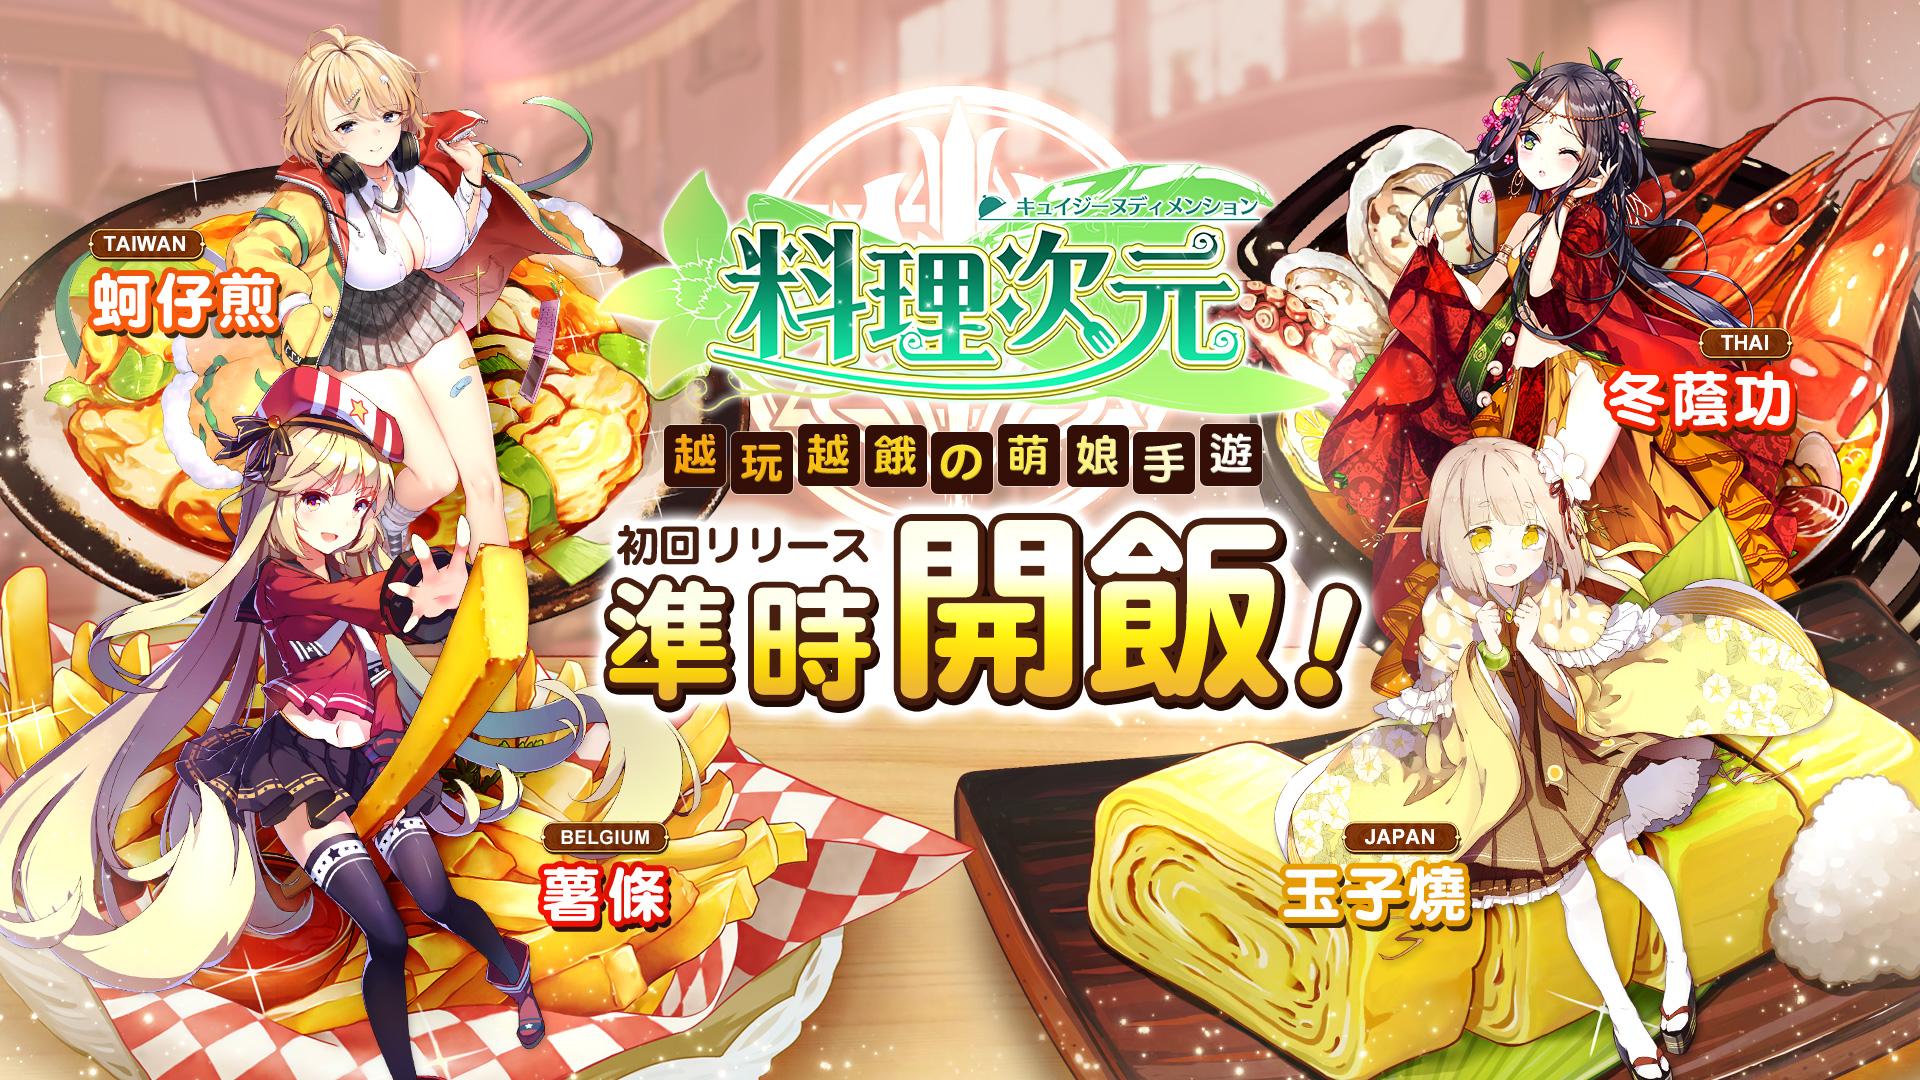 《料理次元》x「開飯川食堂」 攜手合作準時開飯 翻騰味蕾的靈魂契合感受 帶你勇闖料理的酸甜苦辣